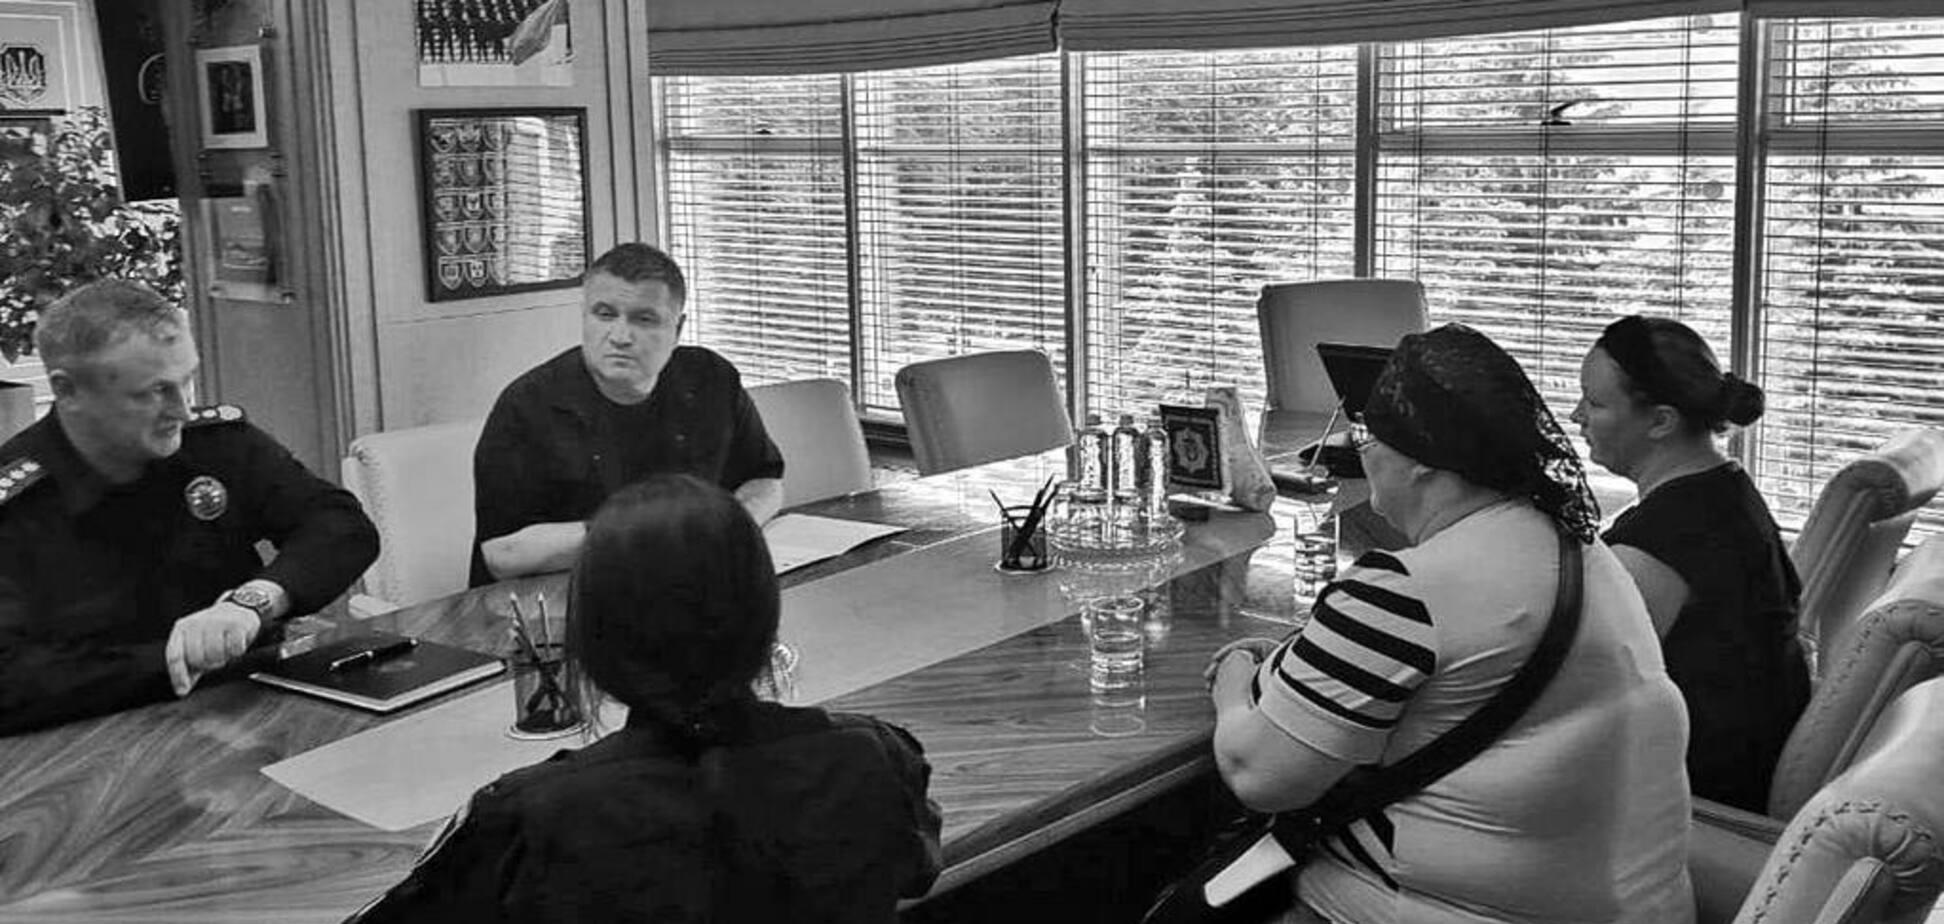 Аваков и Князев встретились с семьей убитого полицейскими ребенка: фото и детали разговора